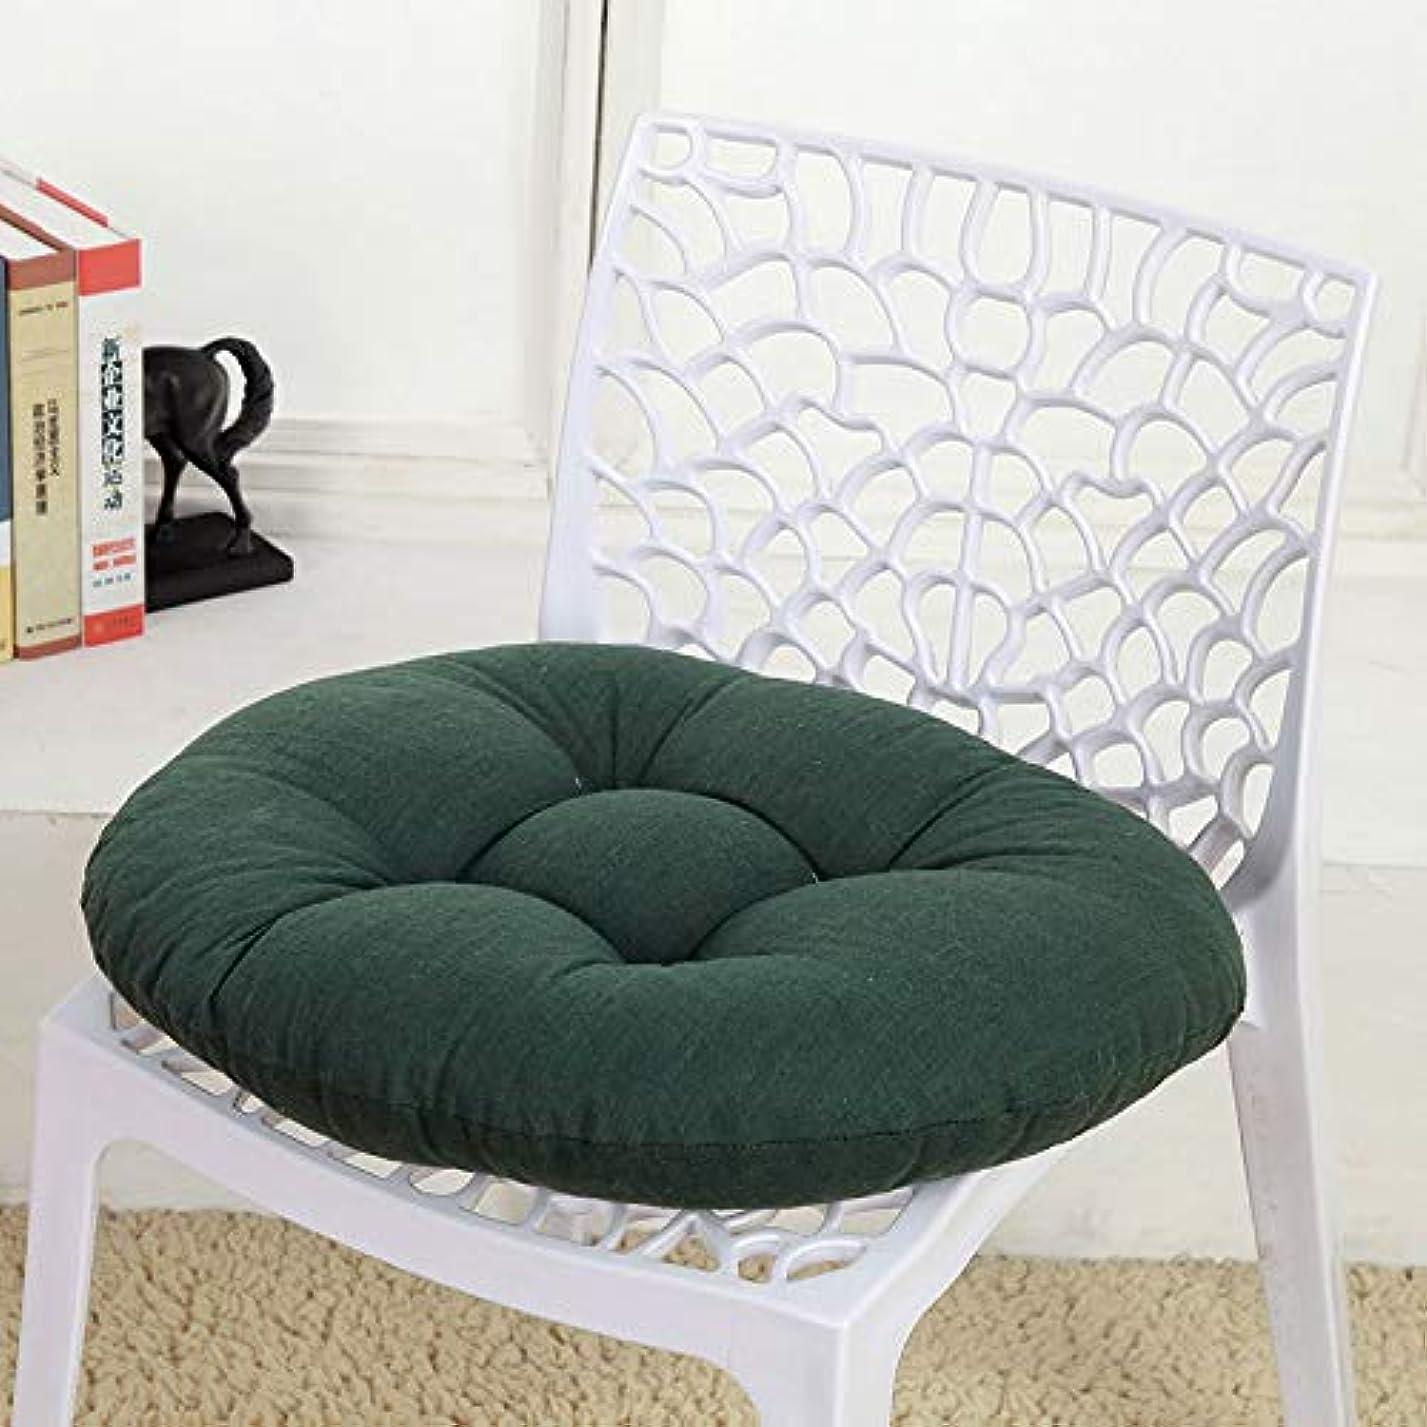 ペナルティ連隊リッチLIFE キャンディカラーのクッションラウンドシートクッション波ウィンドウシートクッションクッション家の装飾パッドラウンド枕シート枕椅子座る枕 クッション 椅子